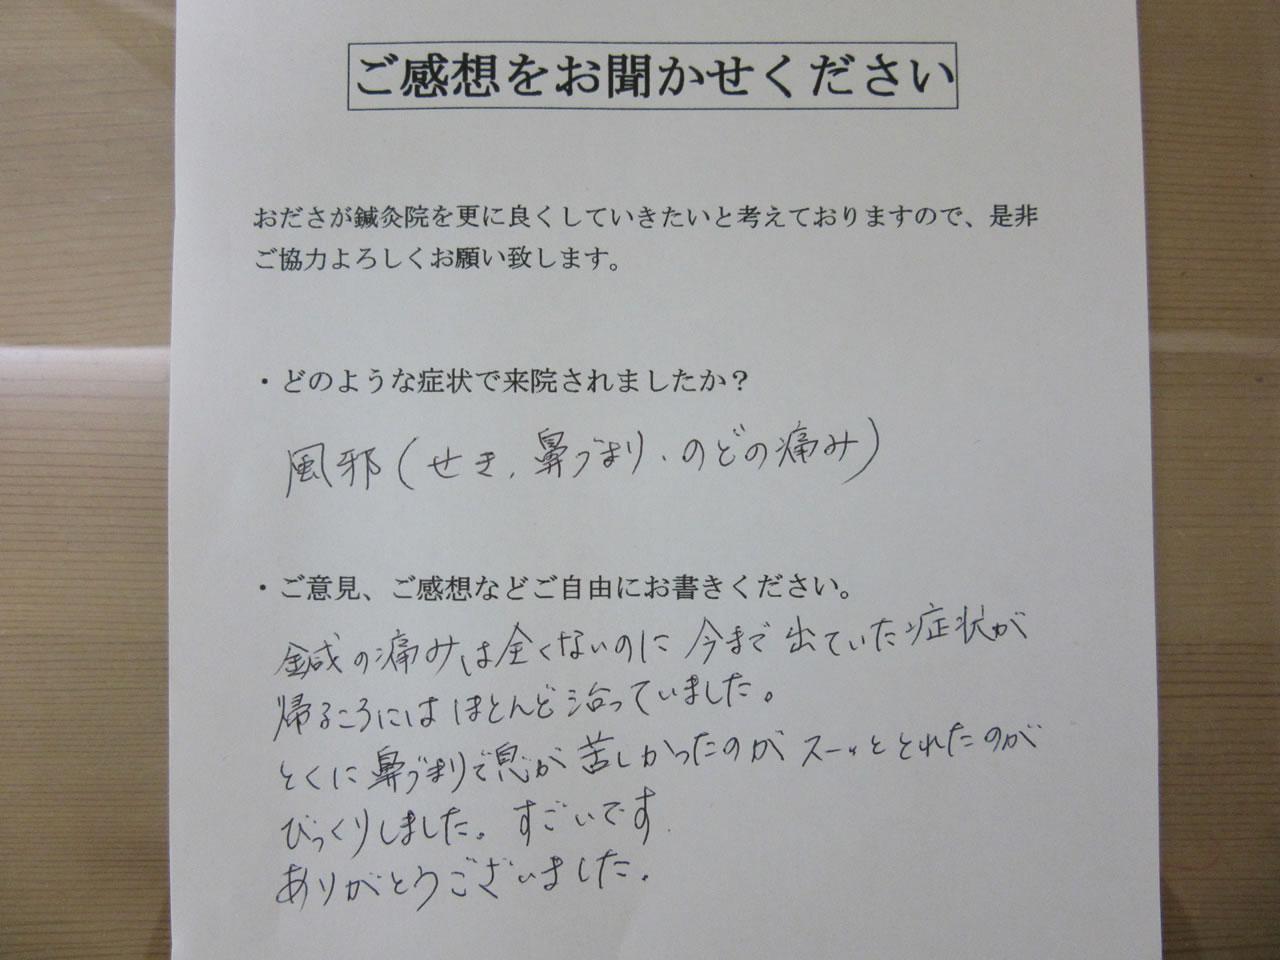 患者からの 手書手紙 専業主婦 風邪症状